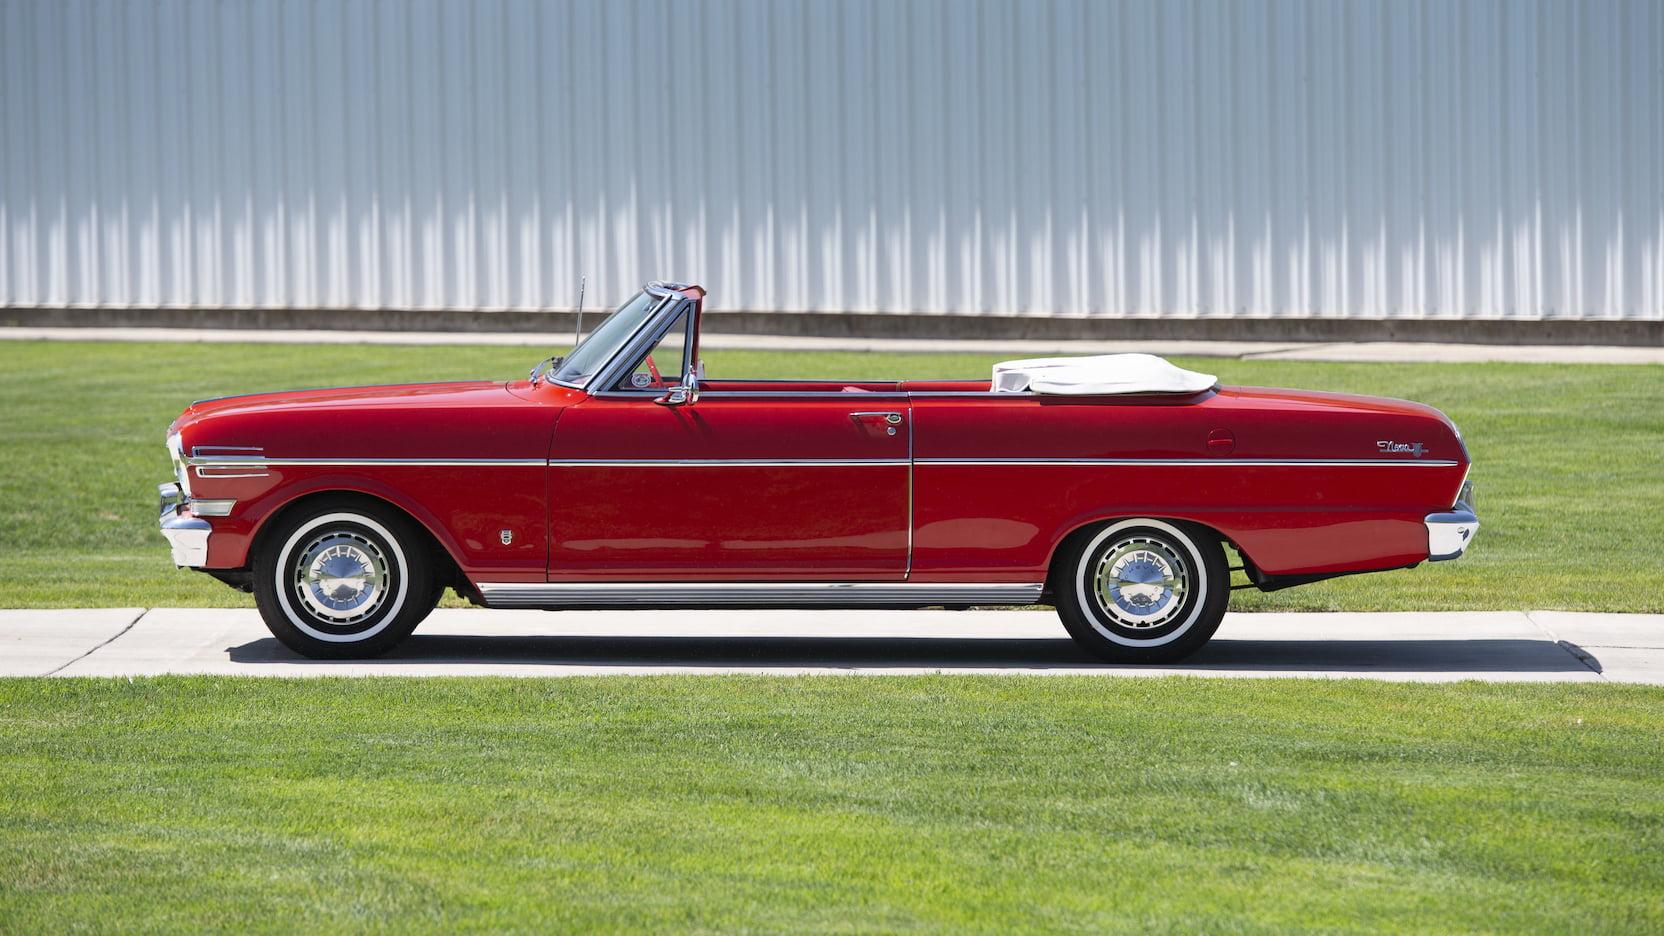 1962 Chevrolet Chevy II Nova 400 side